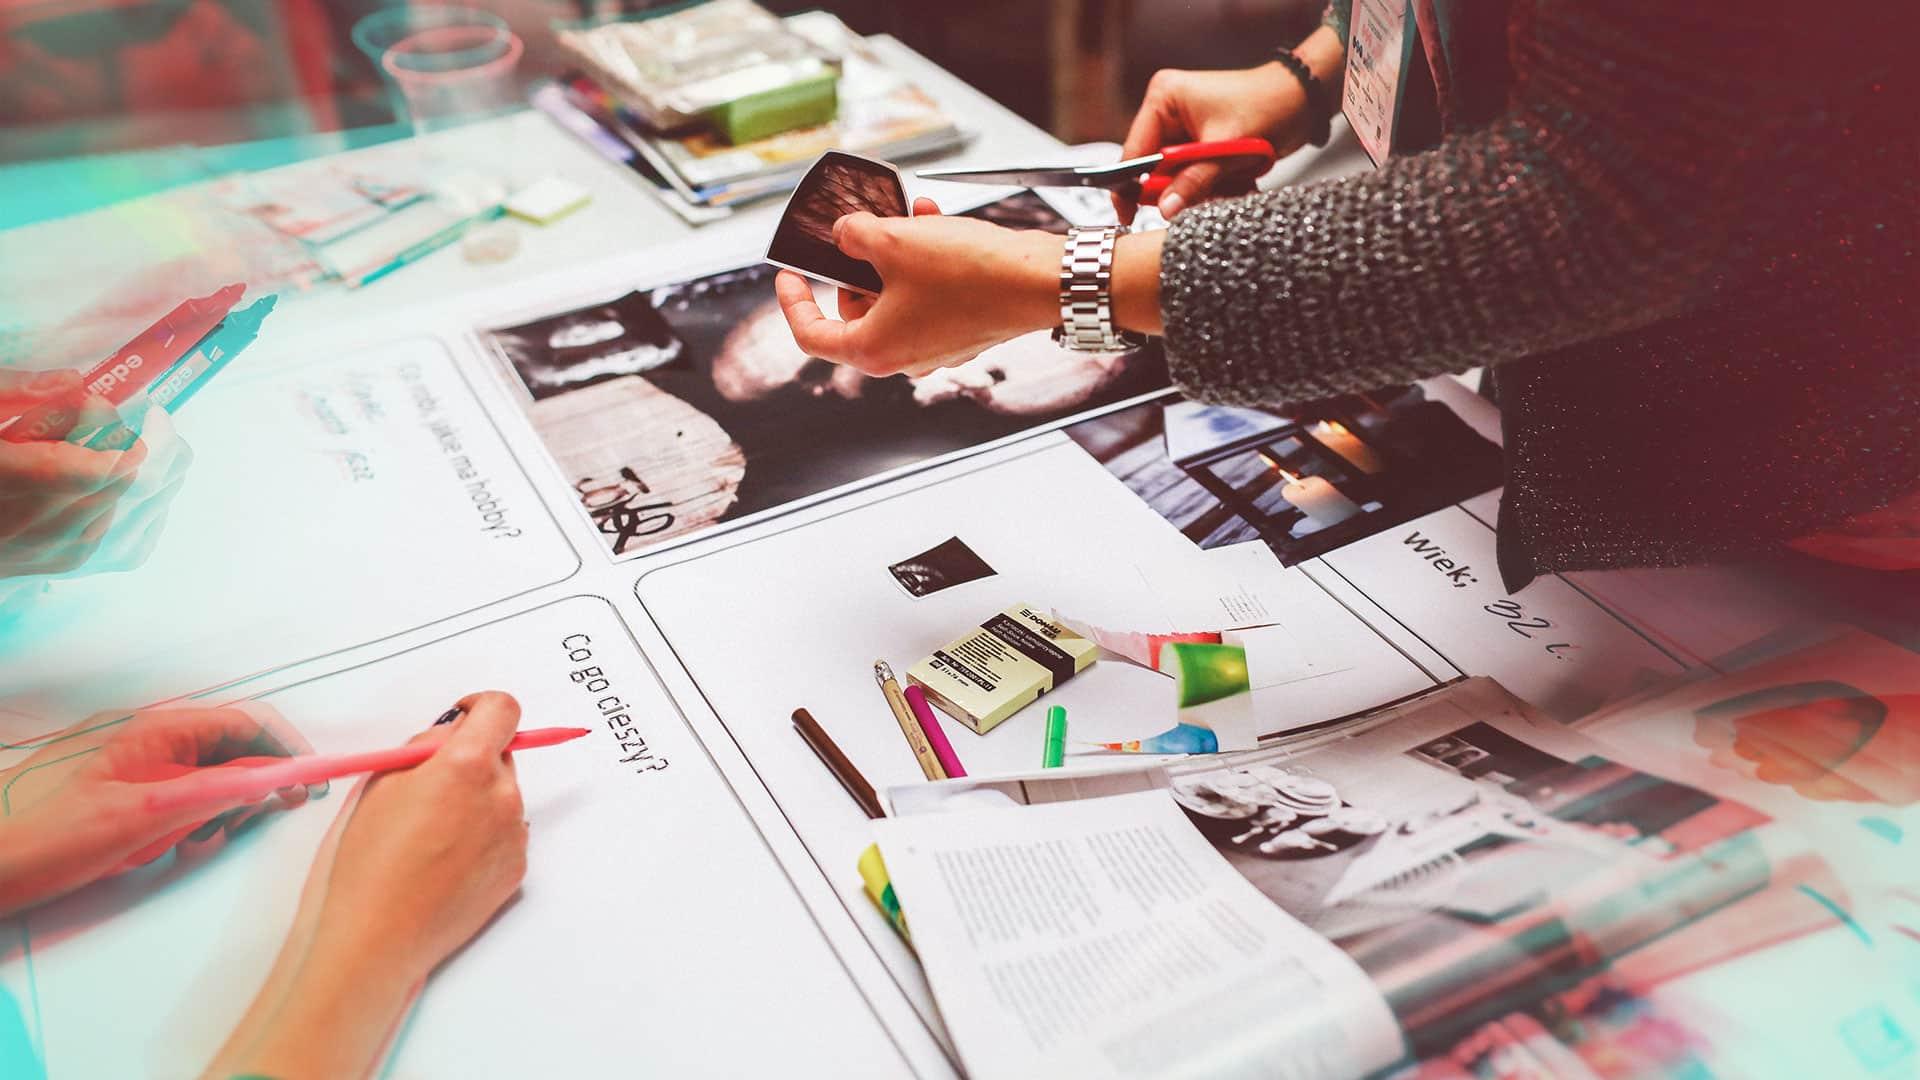 personne dessinant et coupant des papiers sur une table avec crayon de couleur et magazine